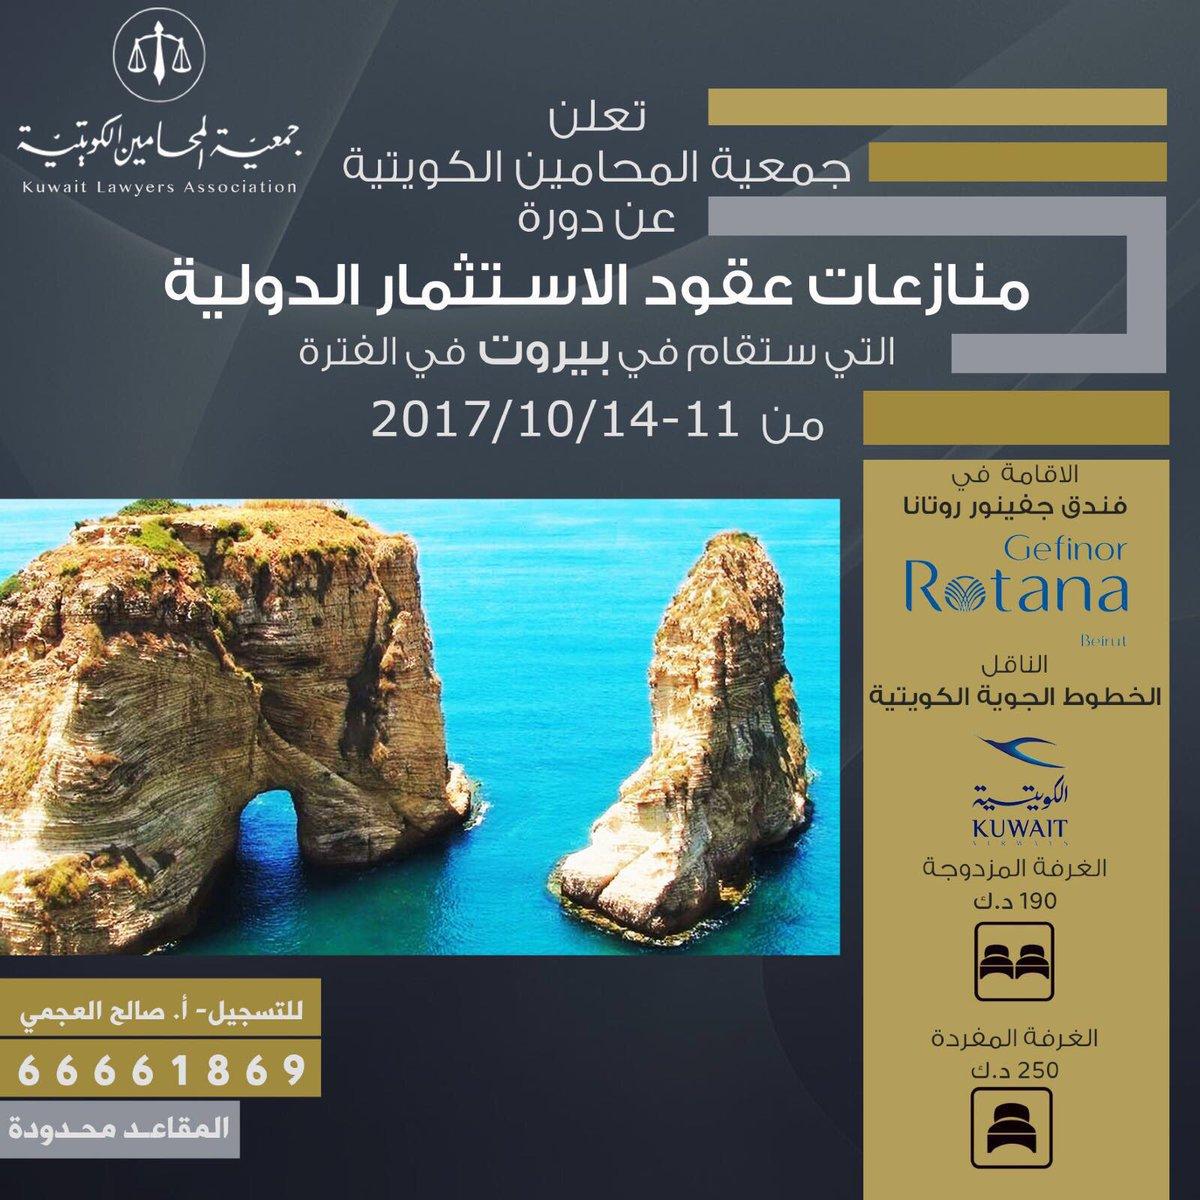 تعلن جمعية المحامين الكويتيه عن دورة: منازعات عقود الإستثمار الدولية في الفتره بين 11-14 أكتوبر 2017  في مدينة بيروتpic.twitter.com/Vvn849Yf3F